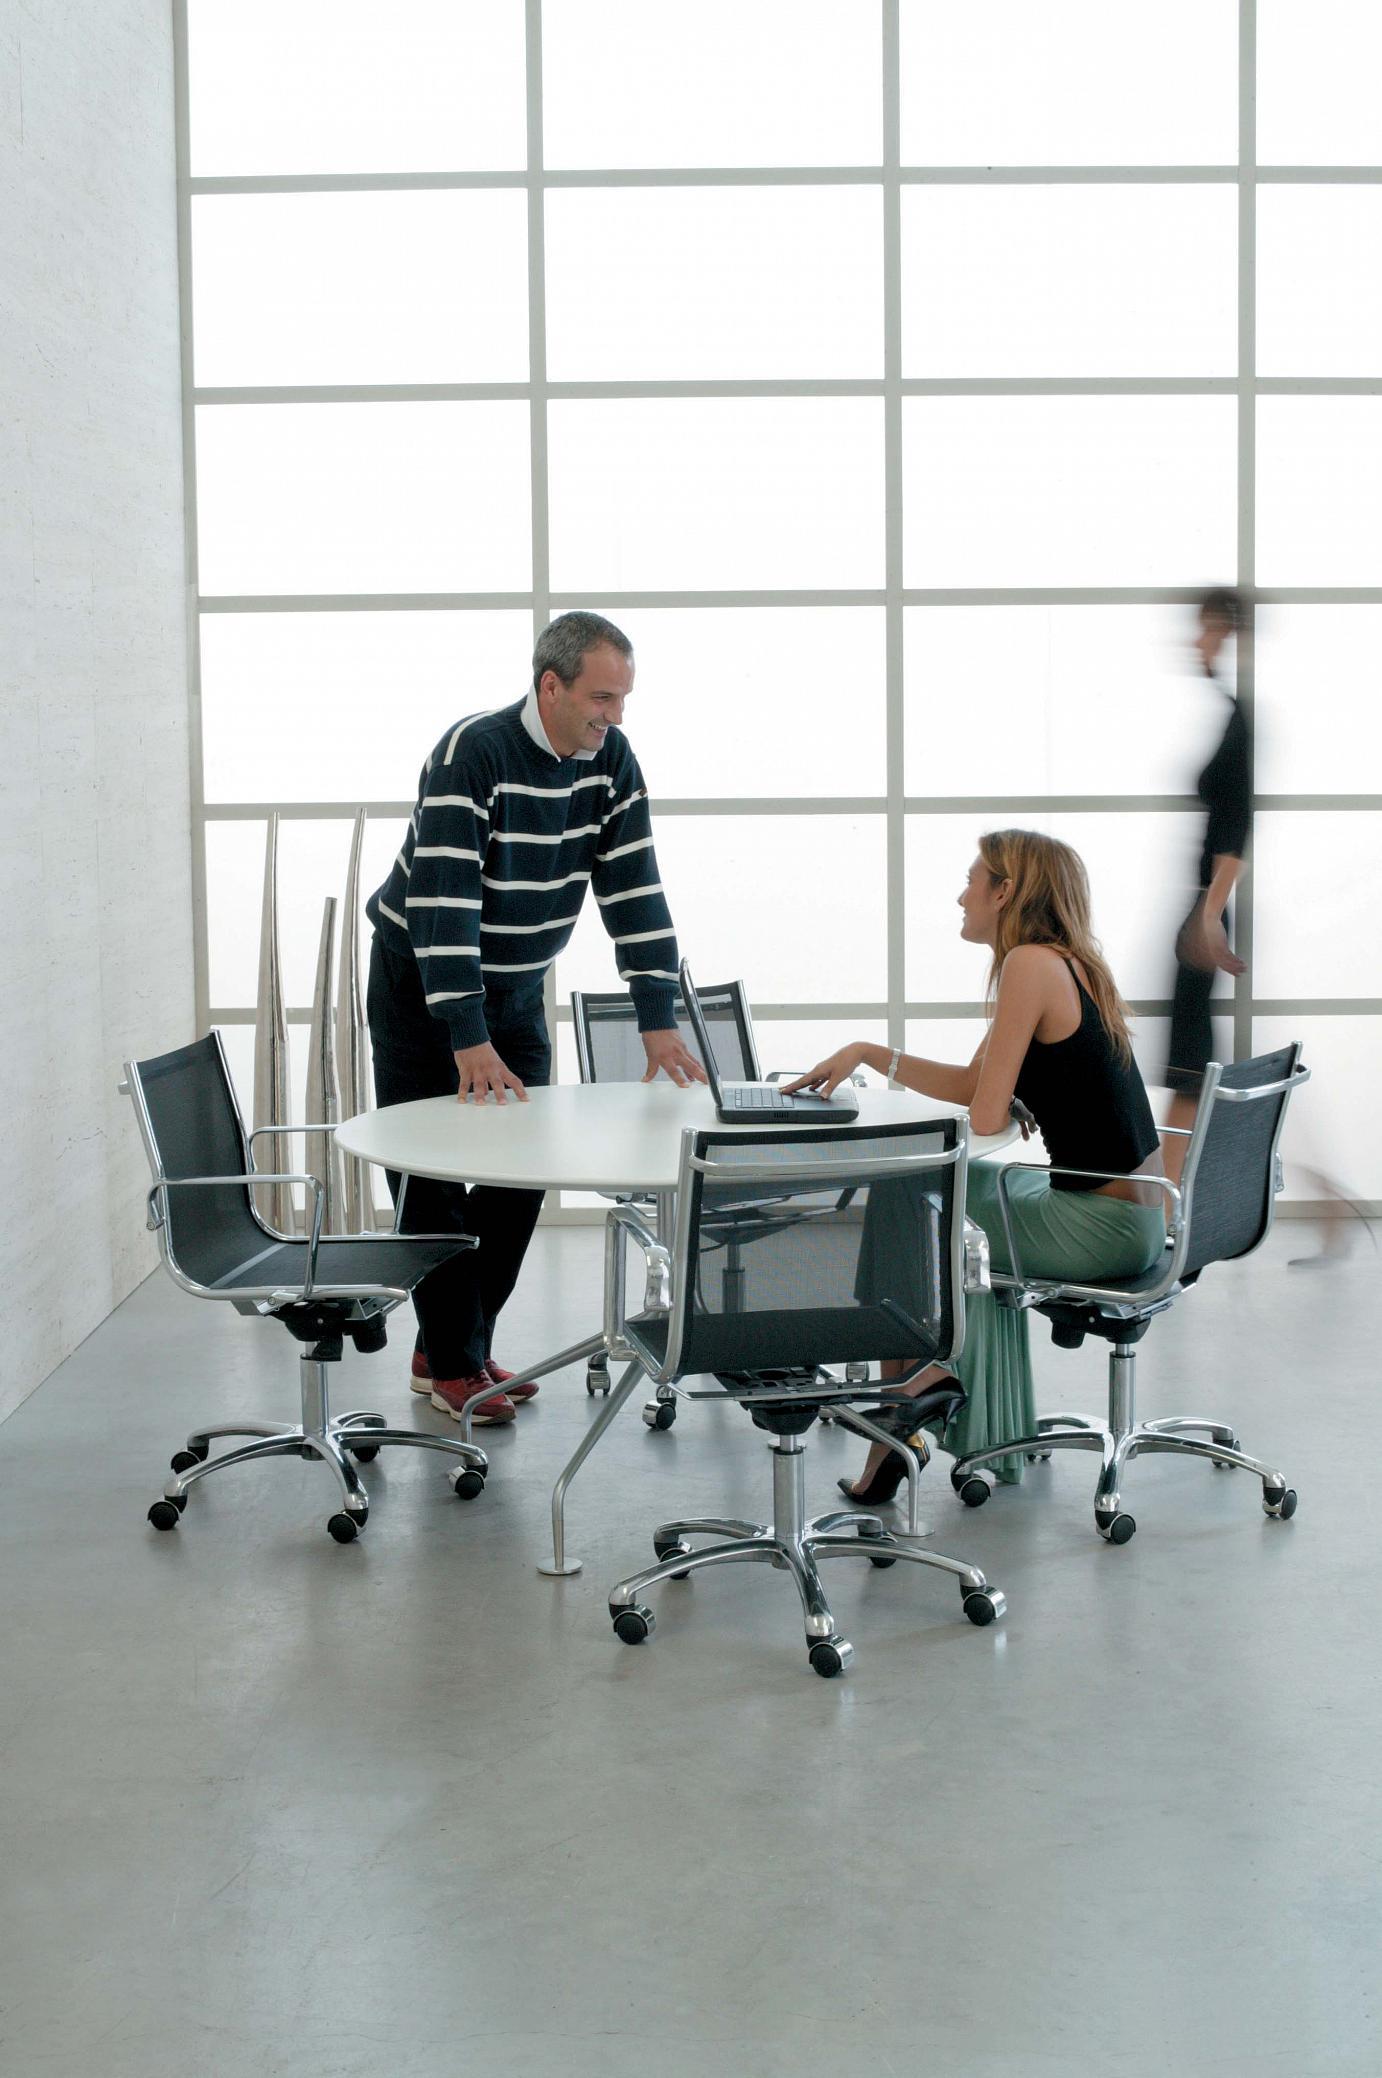 Büromöbel Leasing Finanzierung